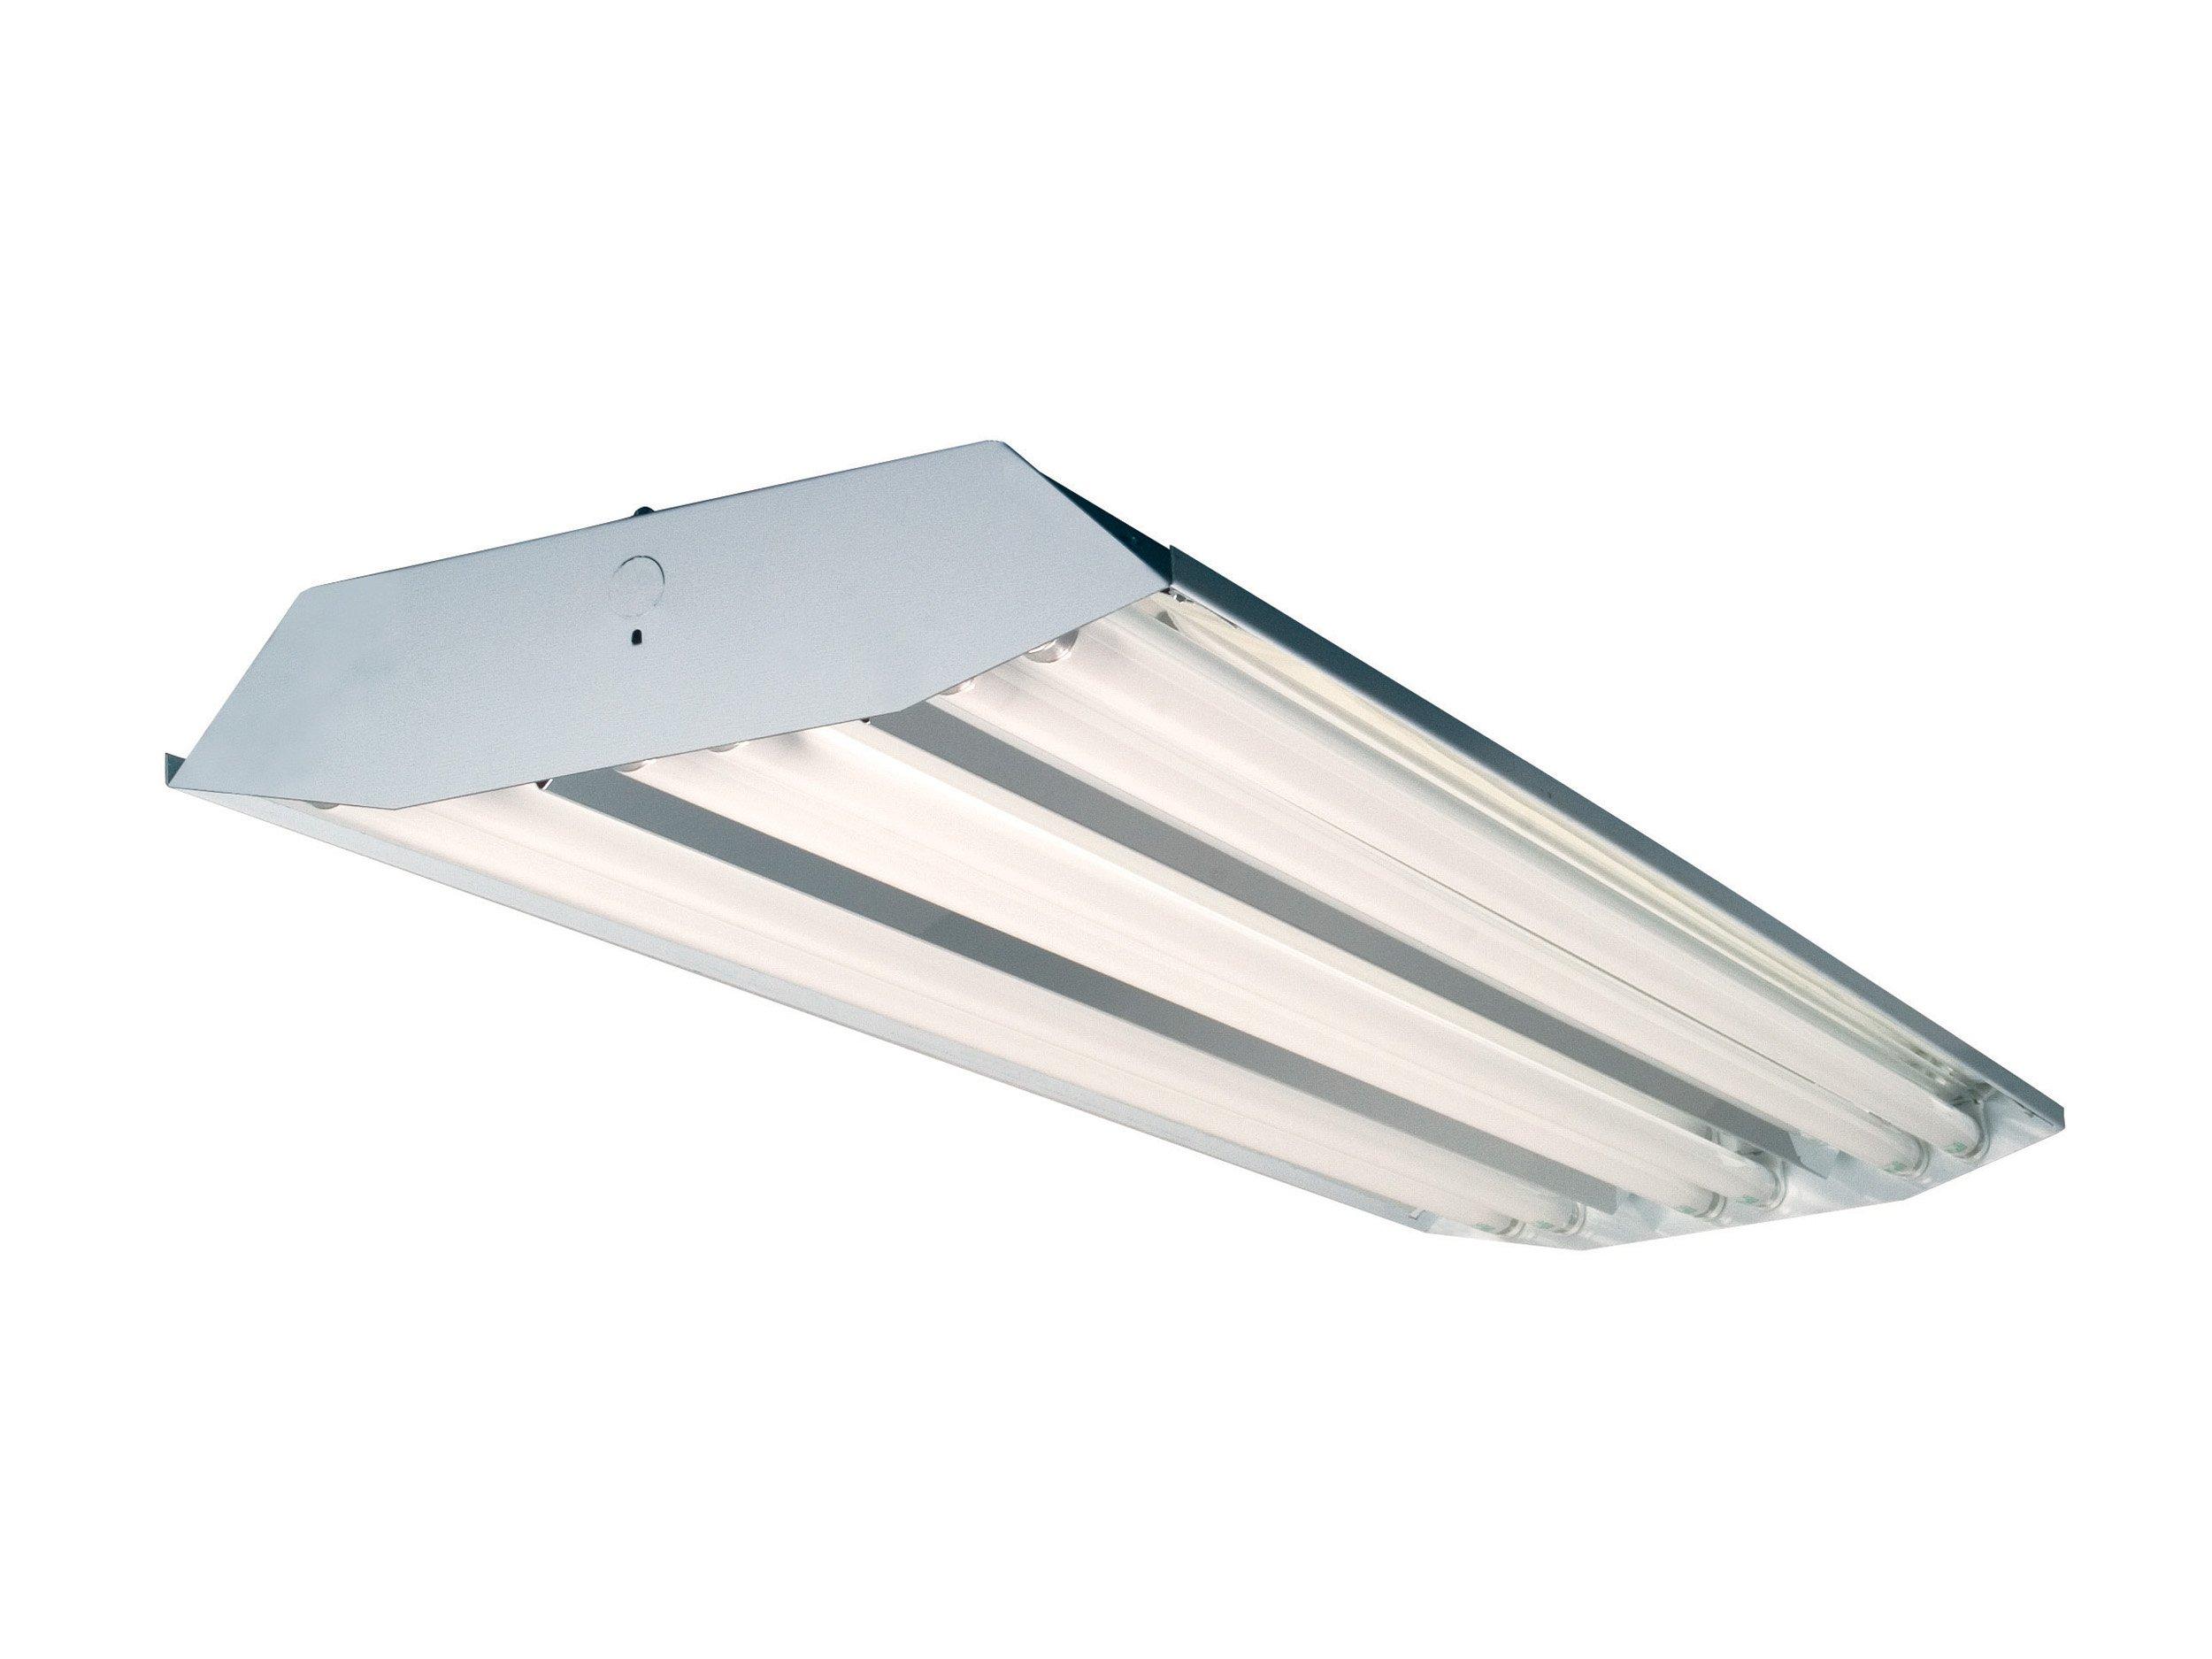 Howard Lighting HFA3E654PAPSMV000 6 Lamp High Bay Fluorescent Standard Specular Aluminum Reflector